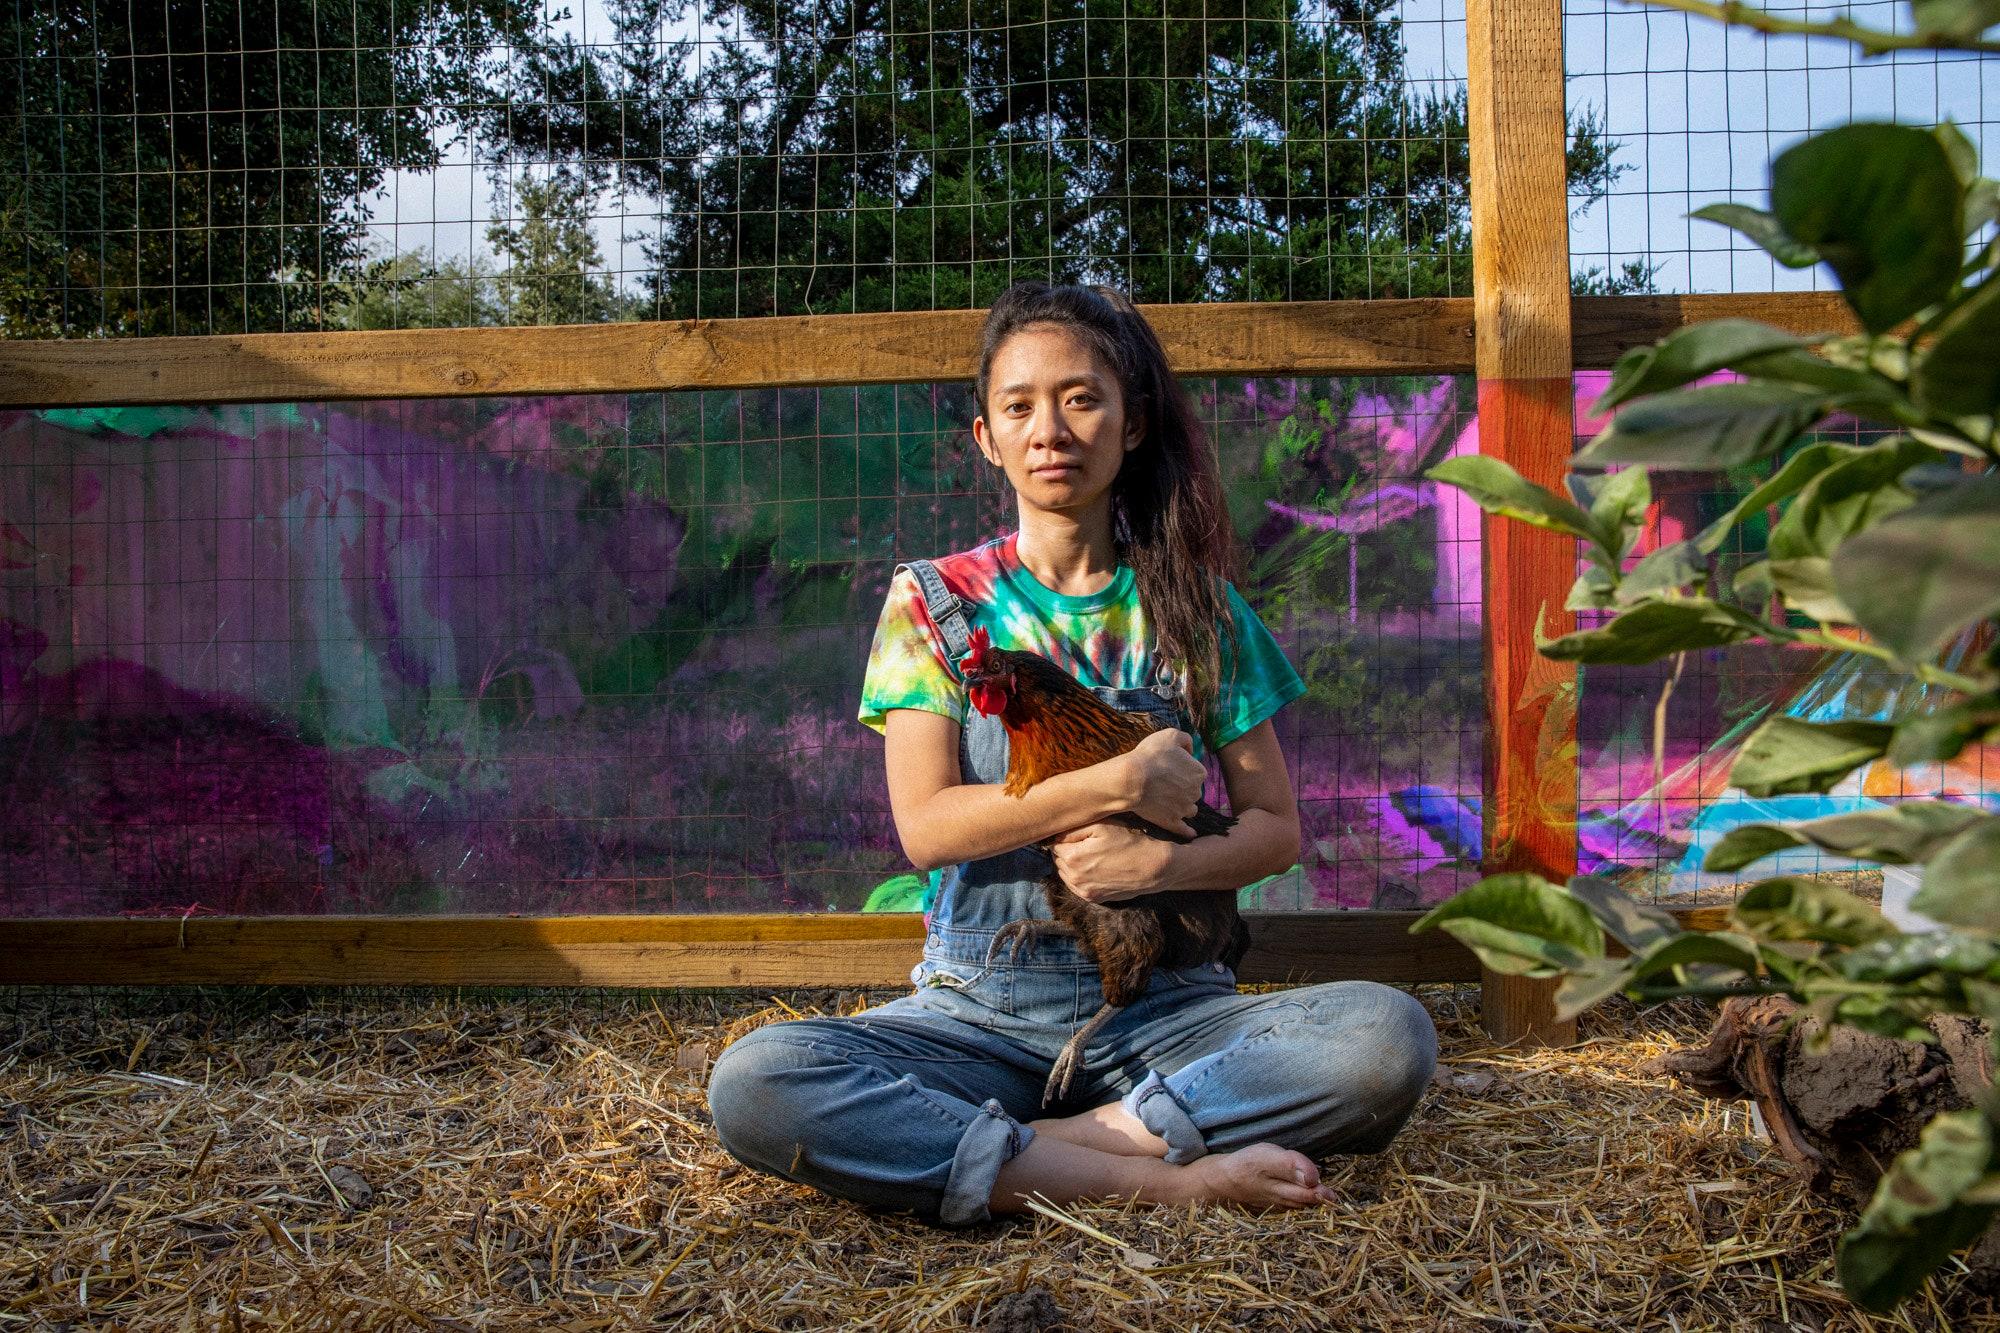 A diretora está Chloé Zhao sentada no chão segurando uma galinha marrom. Ela é uma mulher adulta, chinesa, de cabelos presos e olha para a câmera. Veste uma camiseta tie-dye colorida e um macacão jeans. Ao seu redor, vemos mato e folhas, e uma cerca marrom atrás dela.